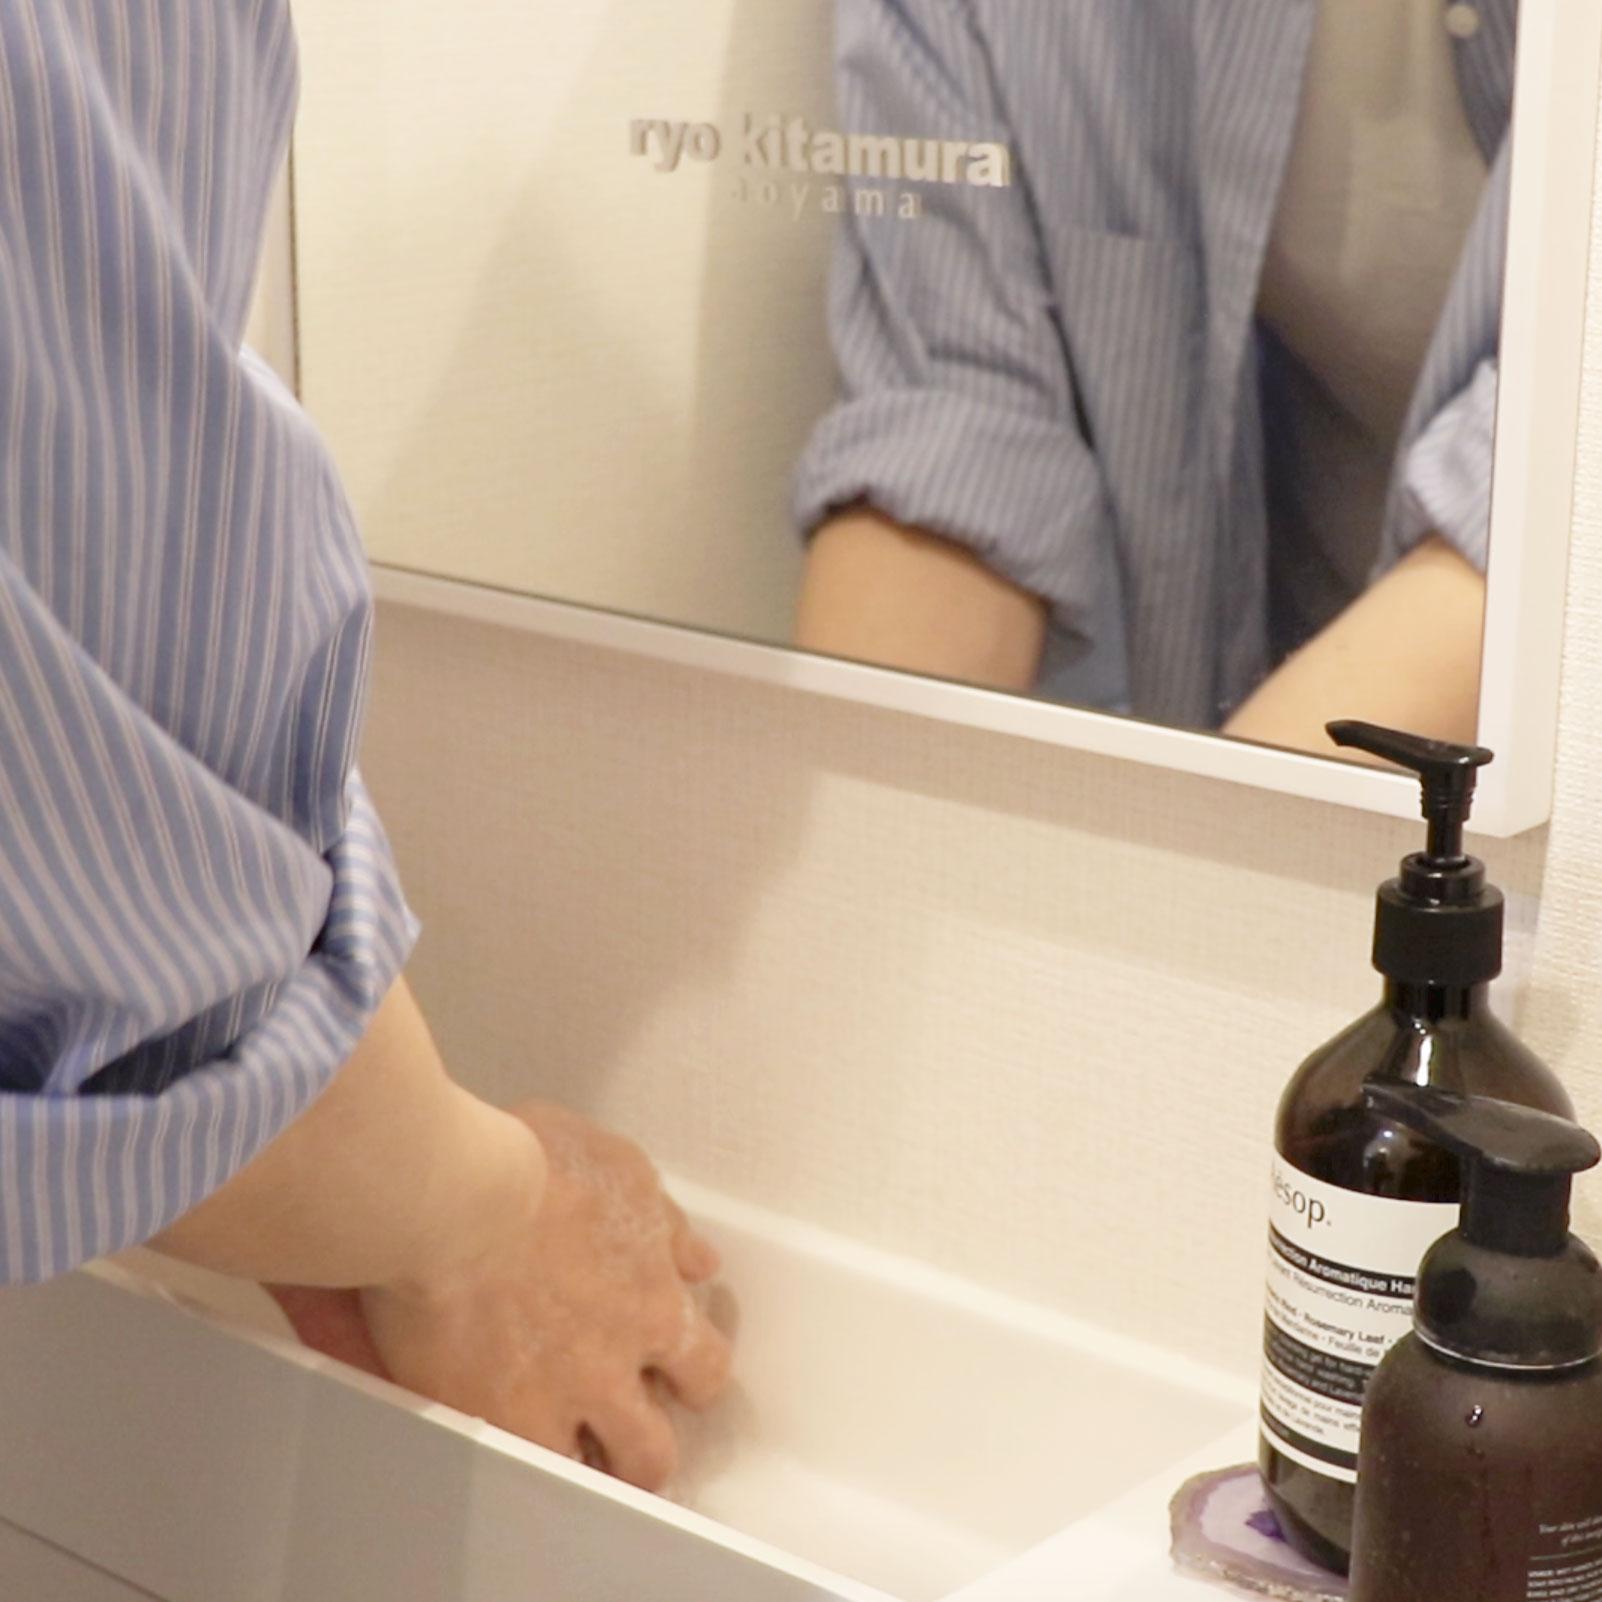 みんなで予防!正しい手の洗い方